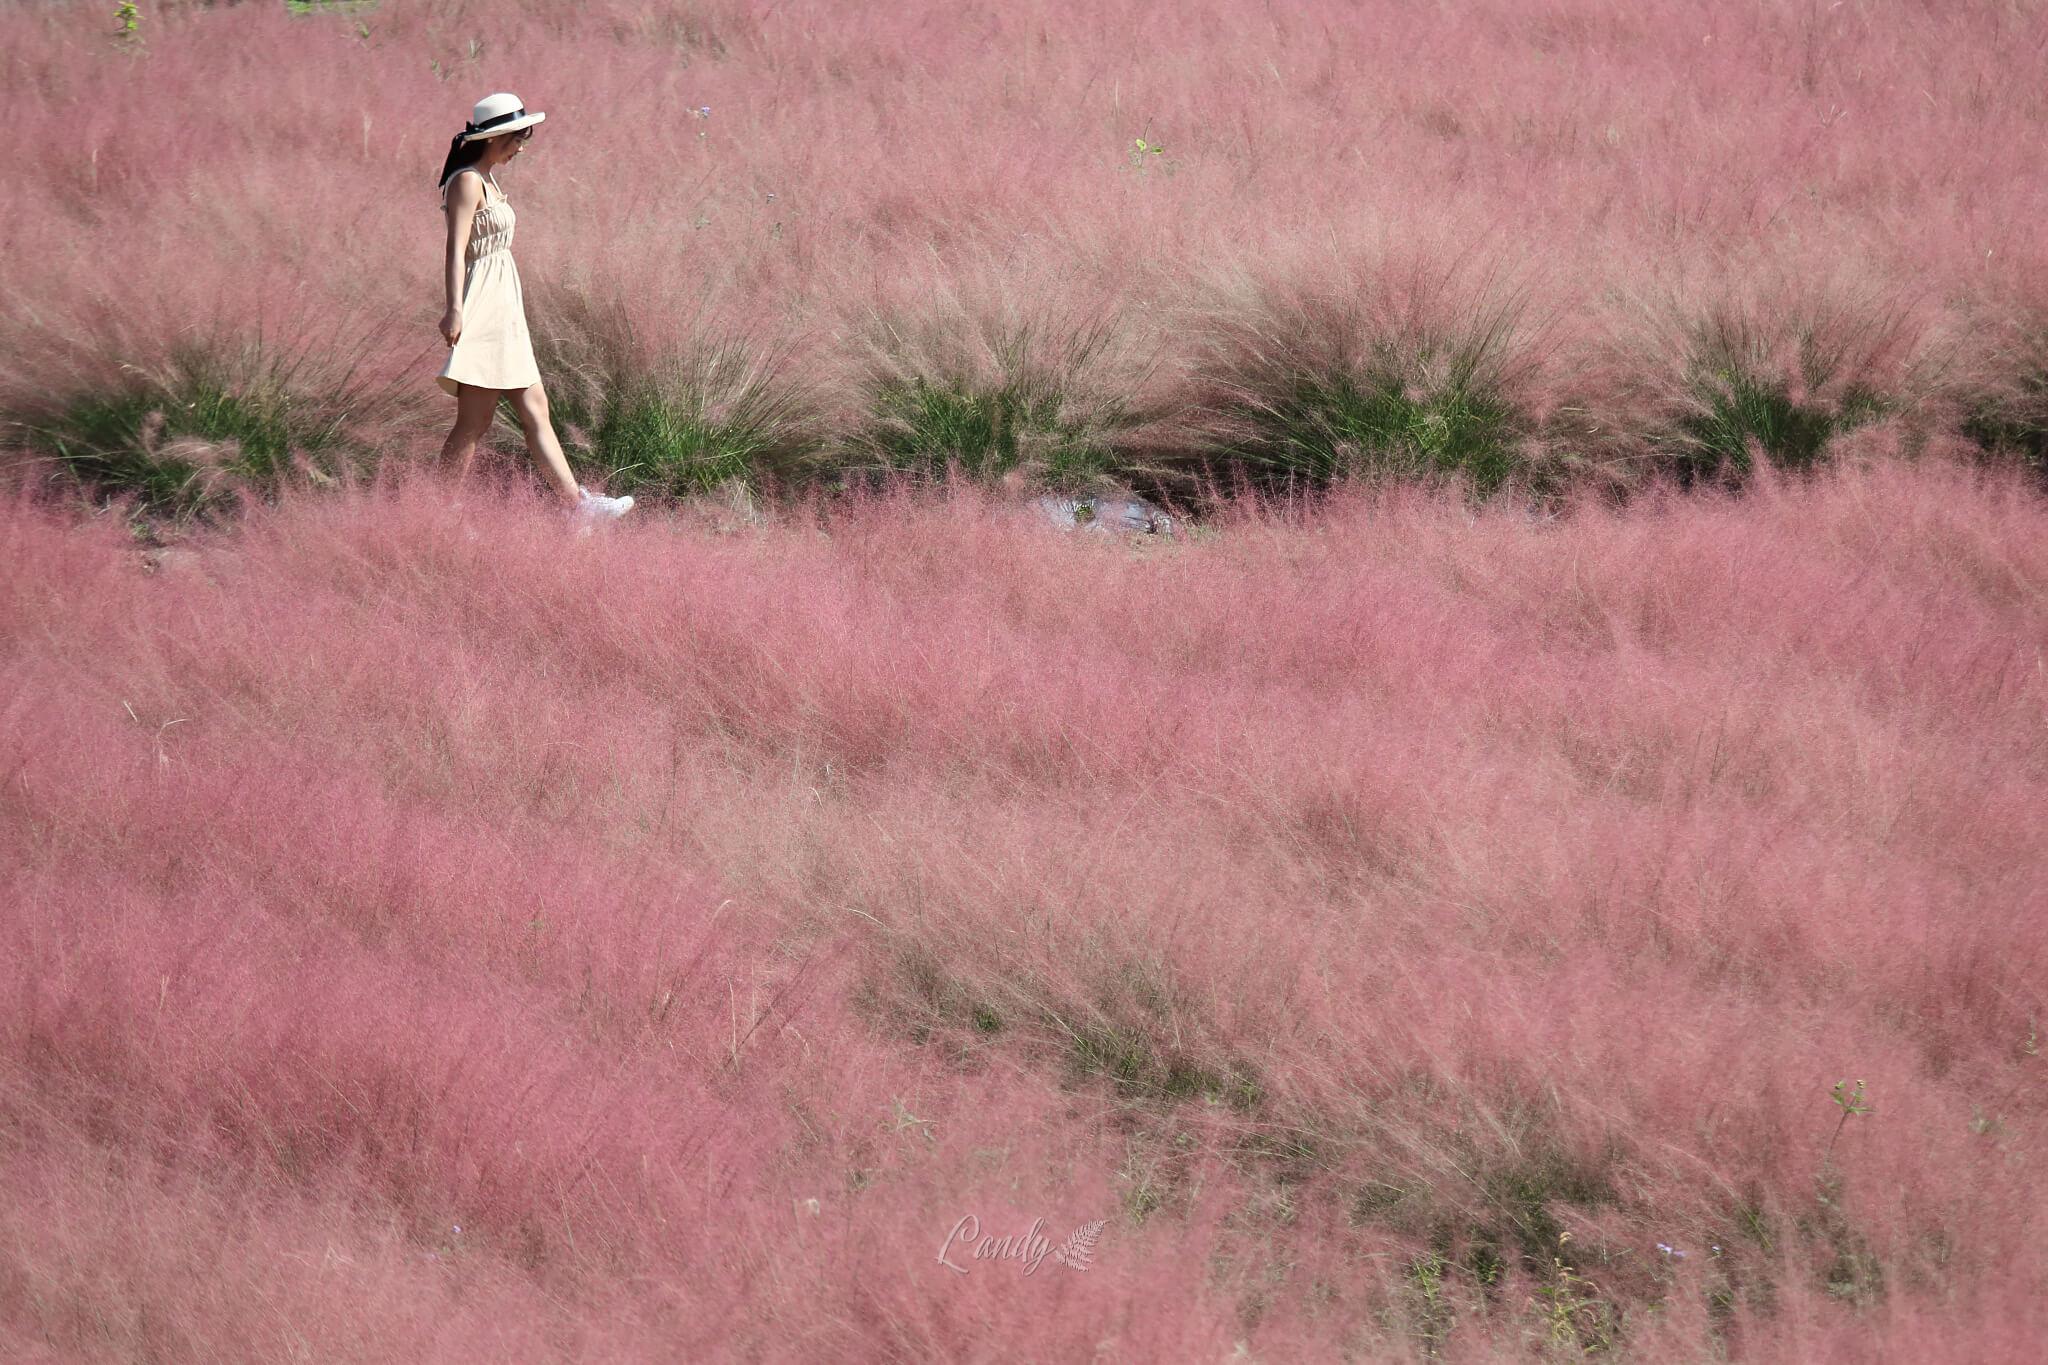 漫步粉紅芒草之間,好不浪漫。